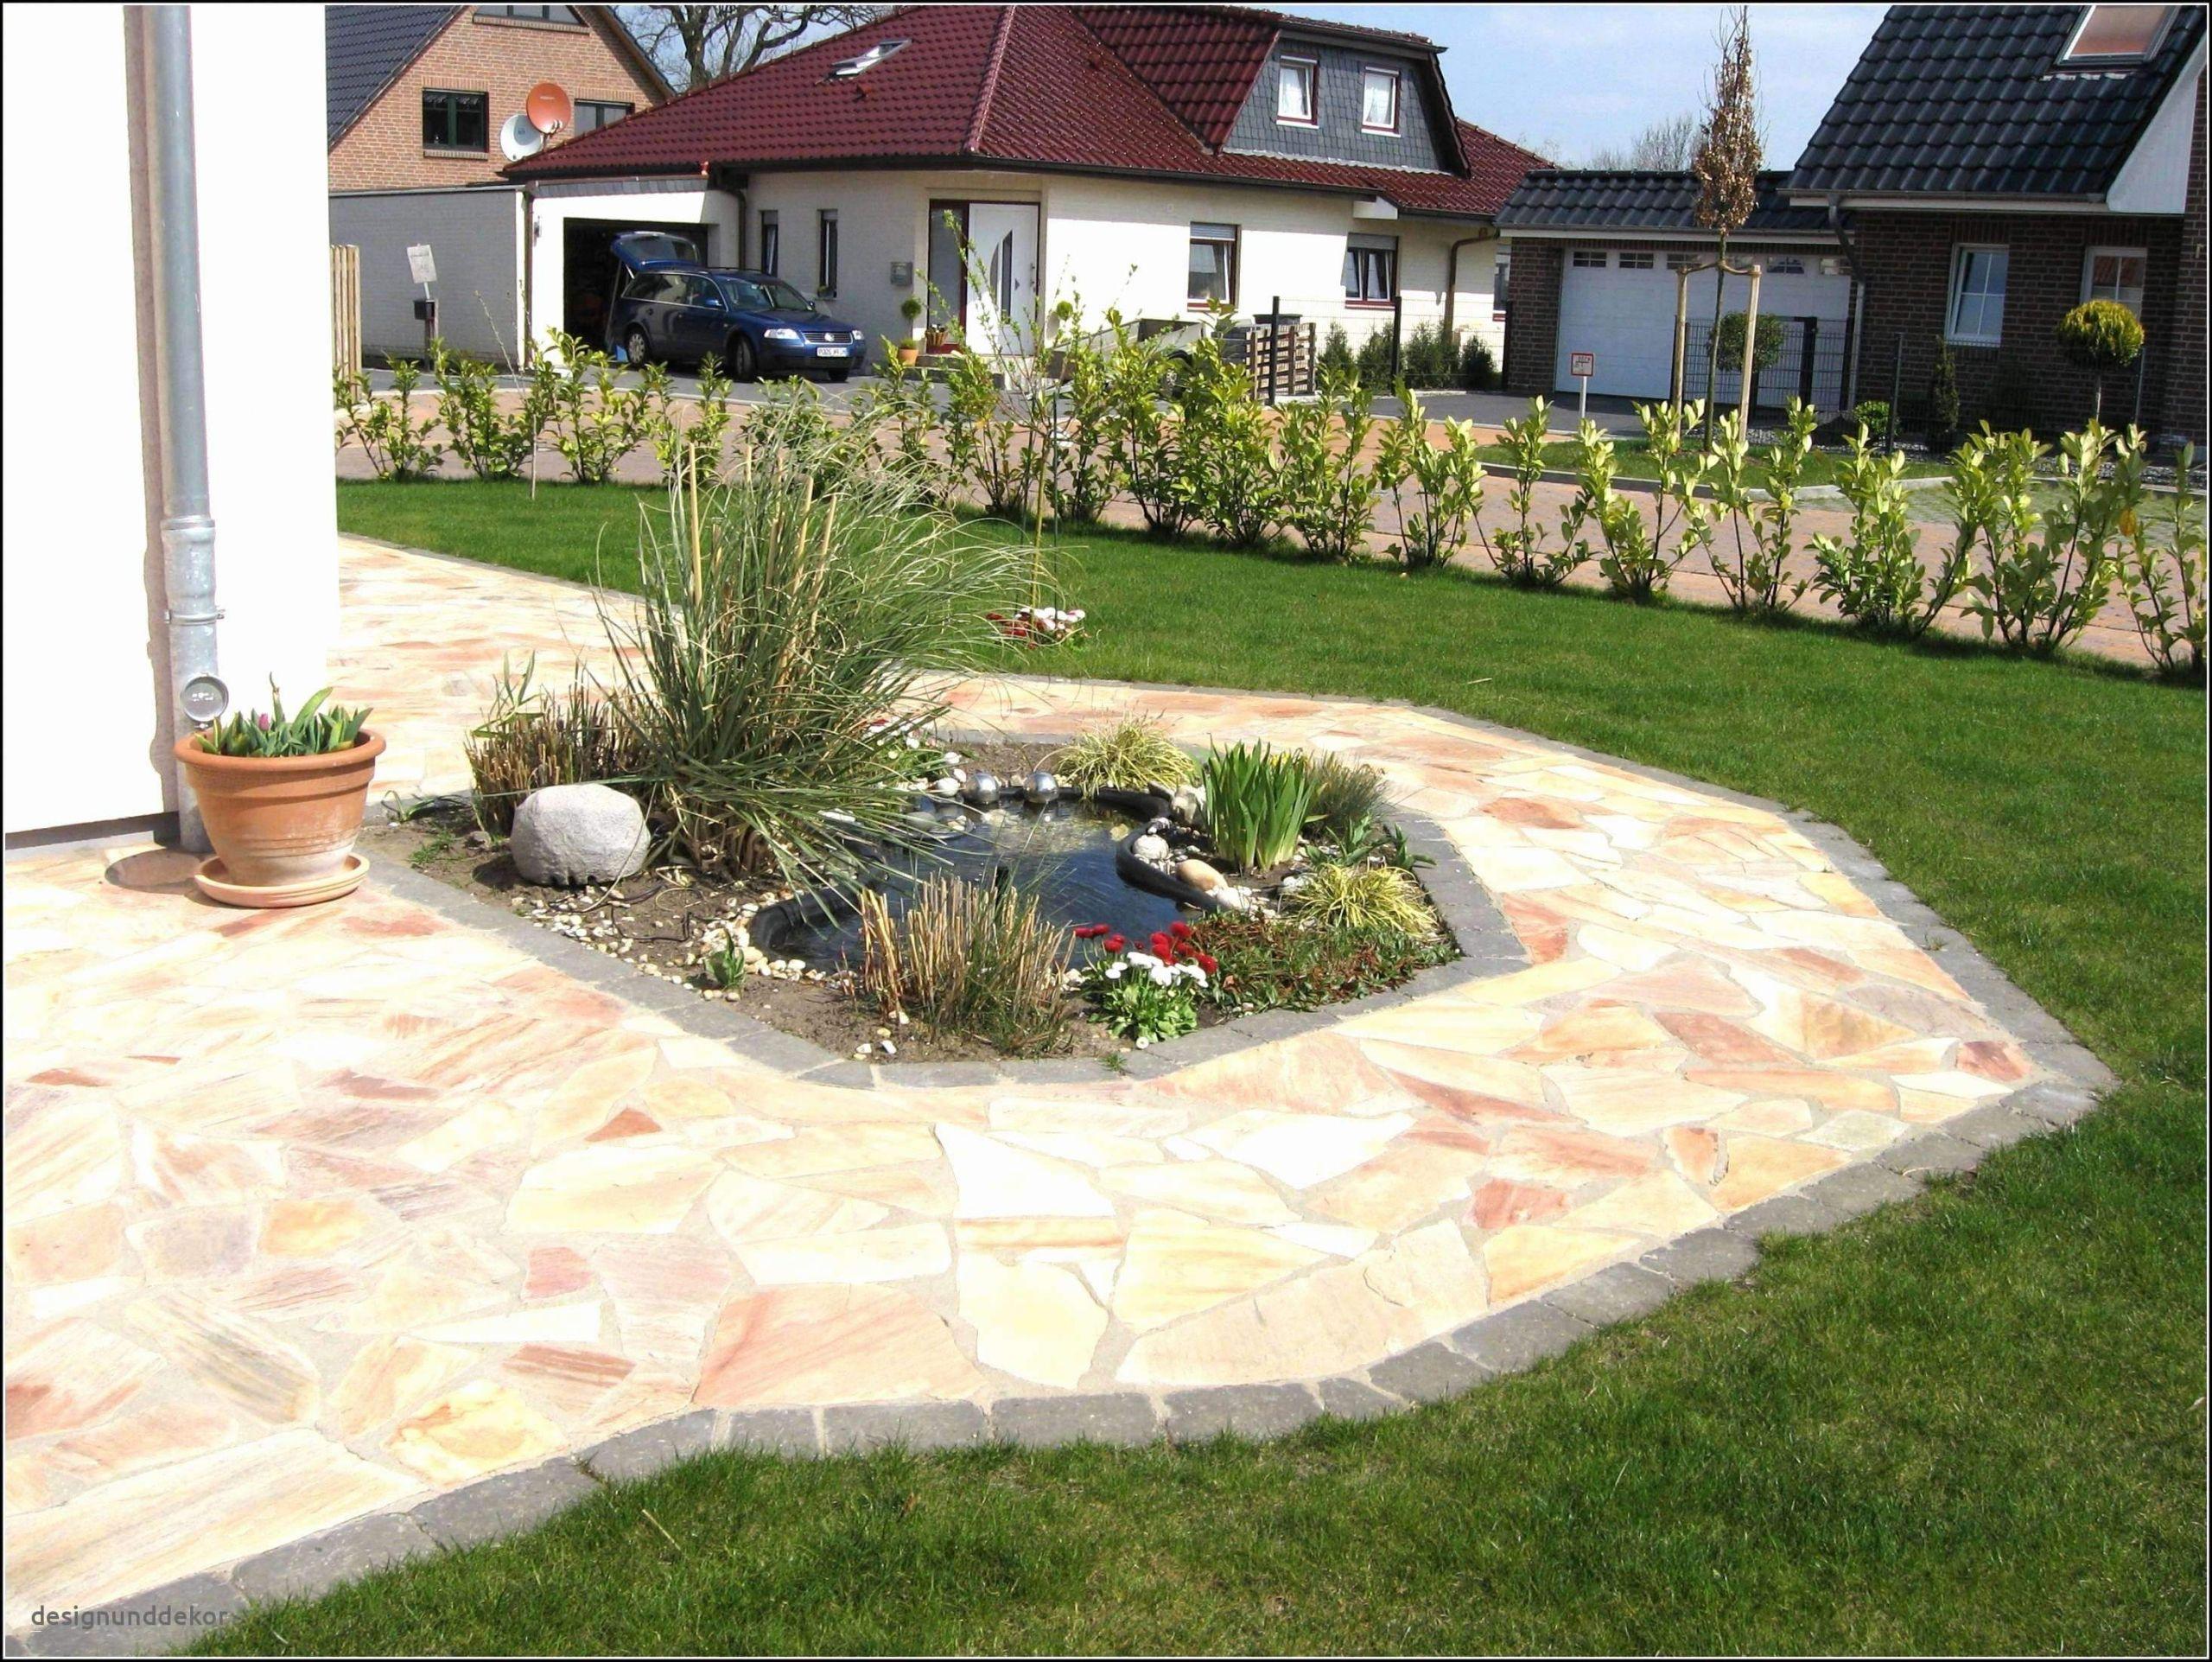 Gartengestaltung Kleiner Garten Das Beste Von Konzept 42 Für Gartengestaltung Bilder Kleiner Garten